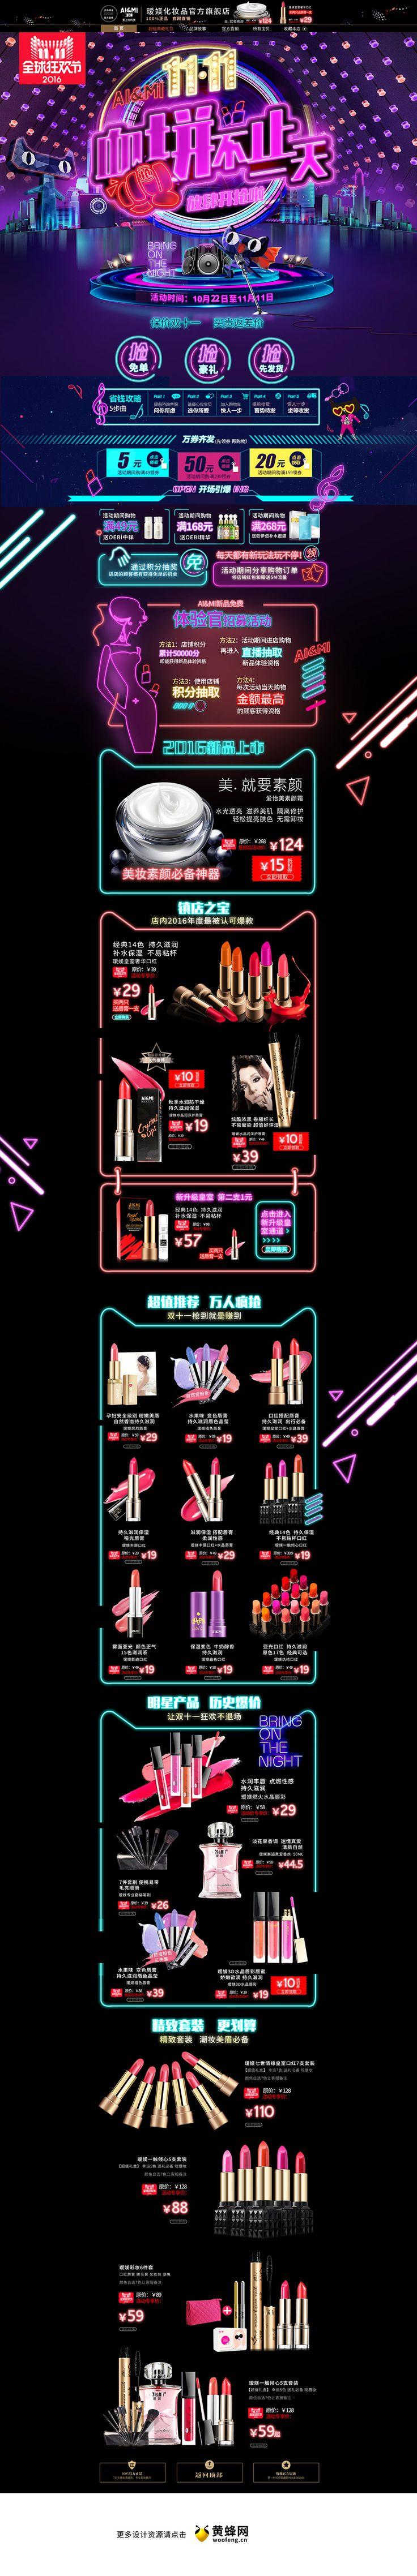 瑷媄美妆美容美发护肤化妆品天猫双11预售双十一预售首页页面设计 更多设计资源尽在黄蜂网http://woofeng.cn/